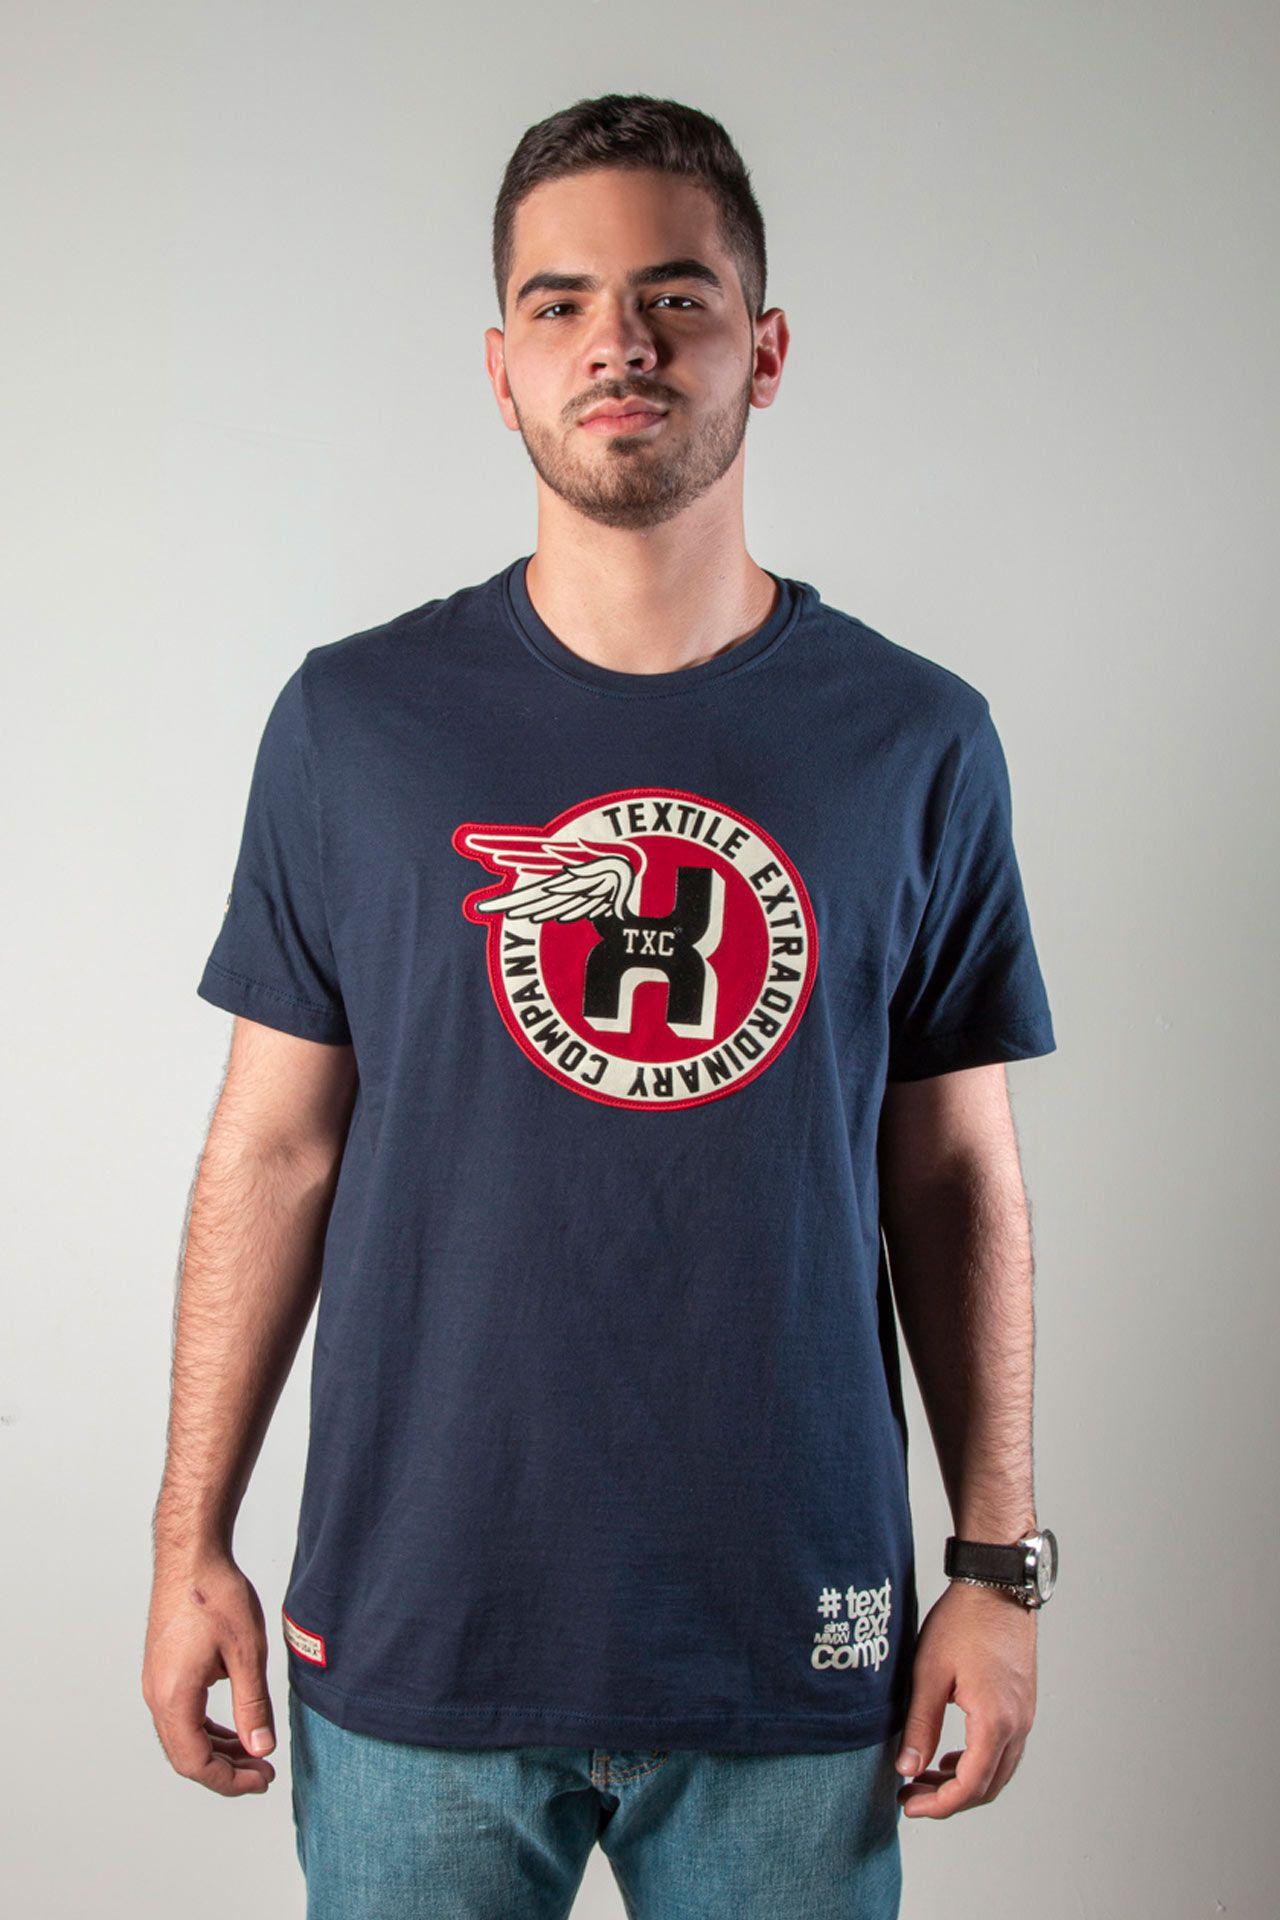 Camiseta TXC Brand 1963